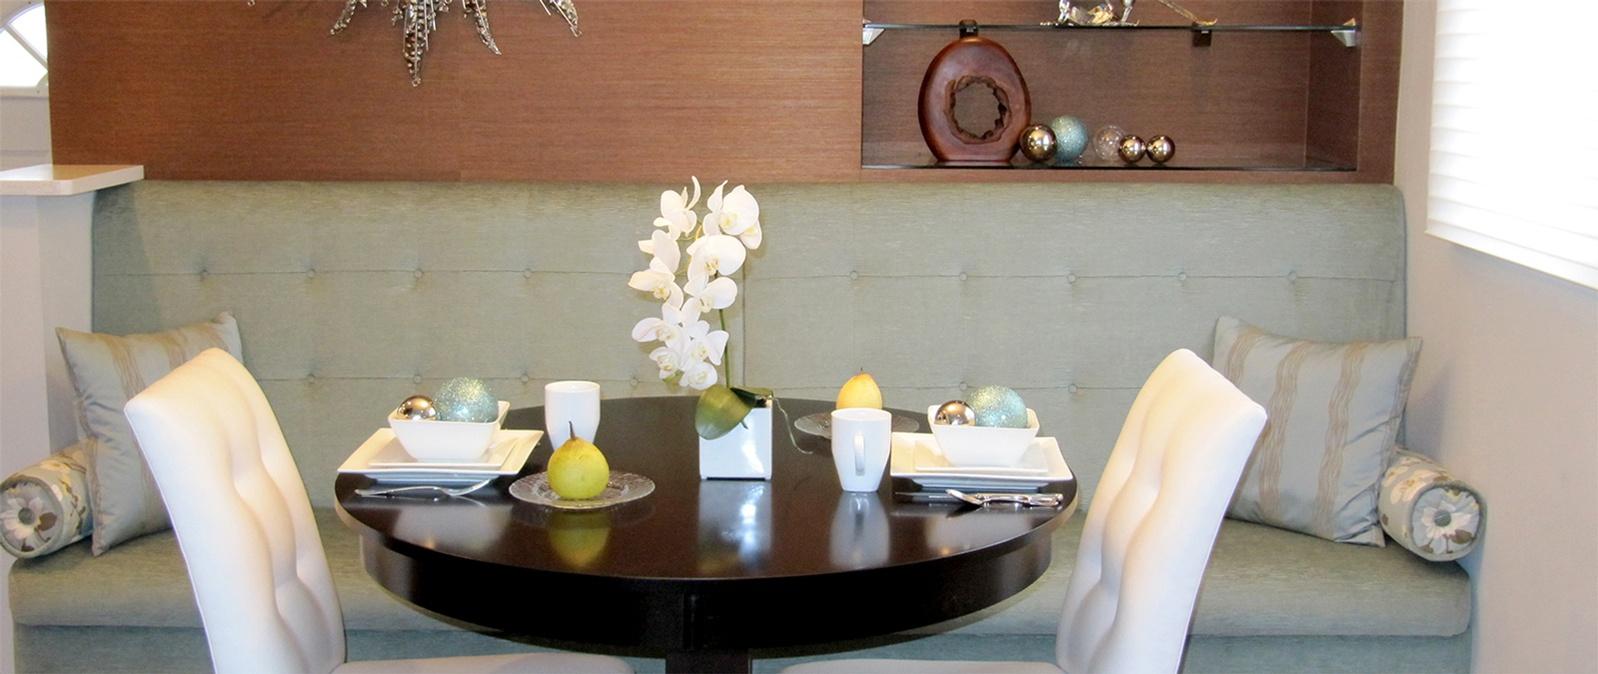 Fdy Furniture Interior Design Edmonton Ab ~ Interior design firm in edmonton alberta designer